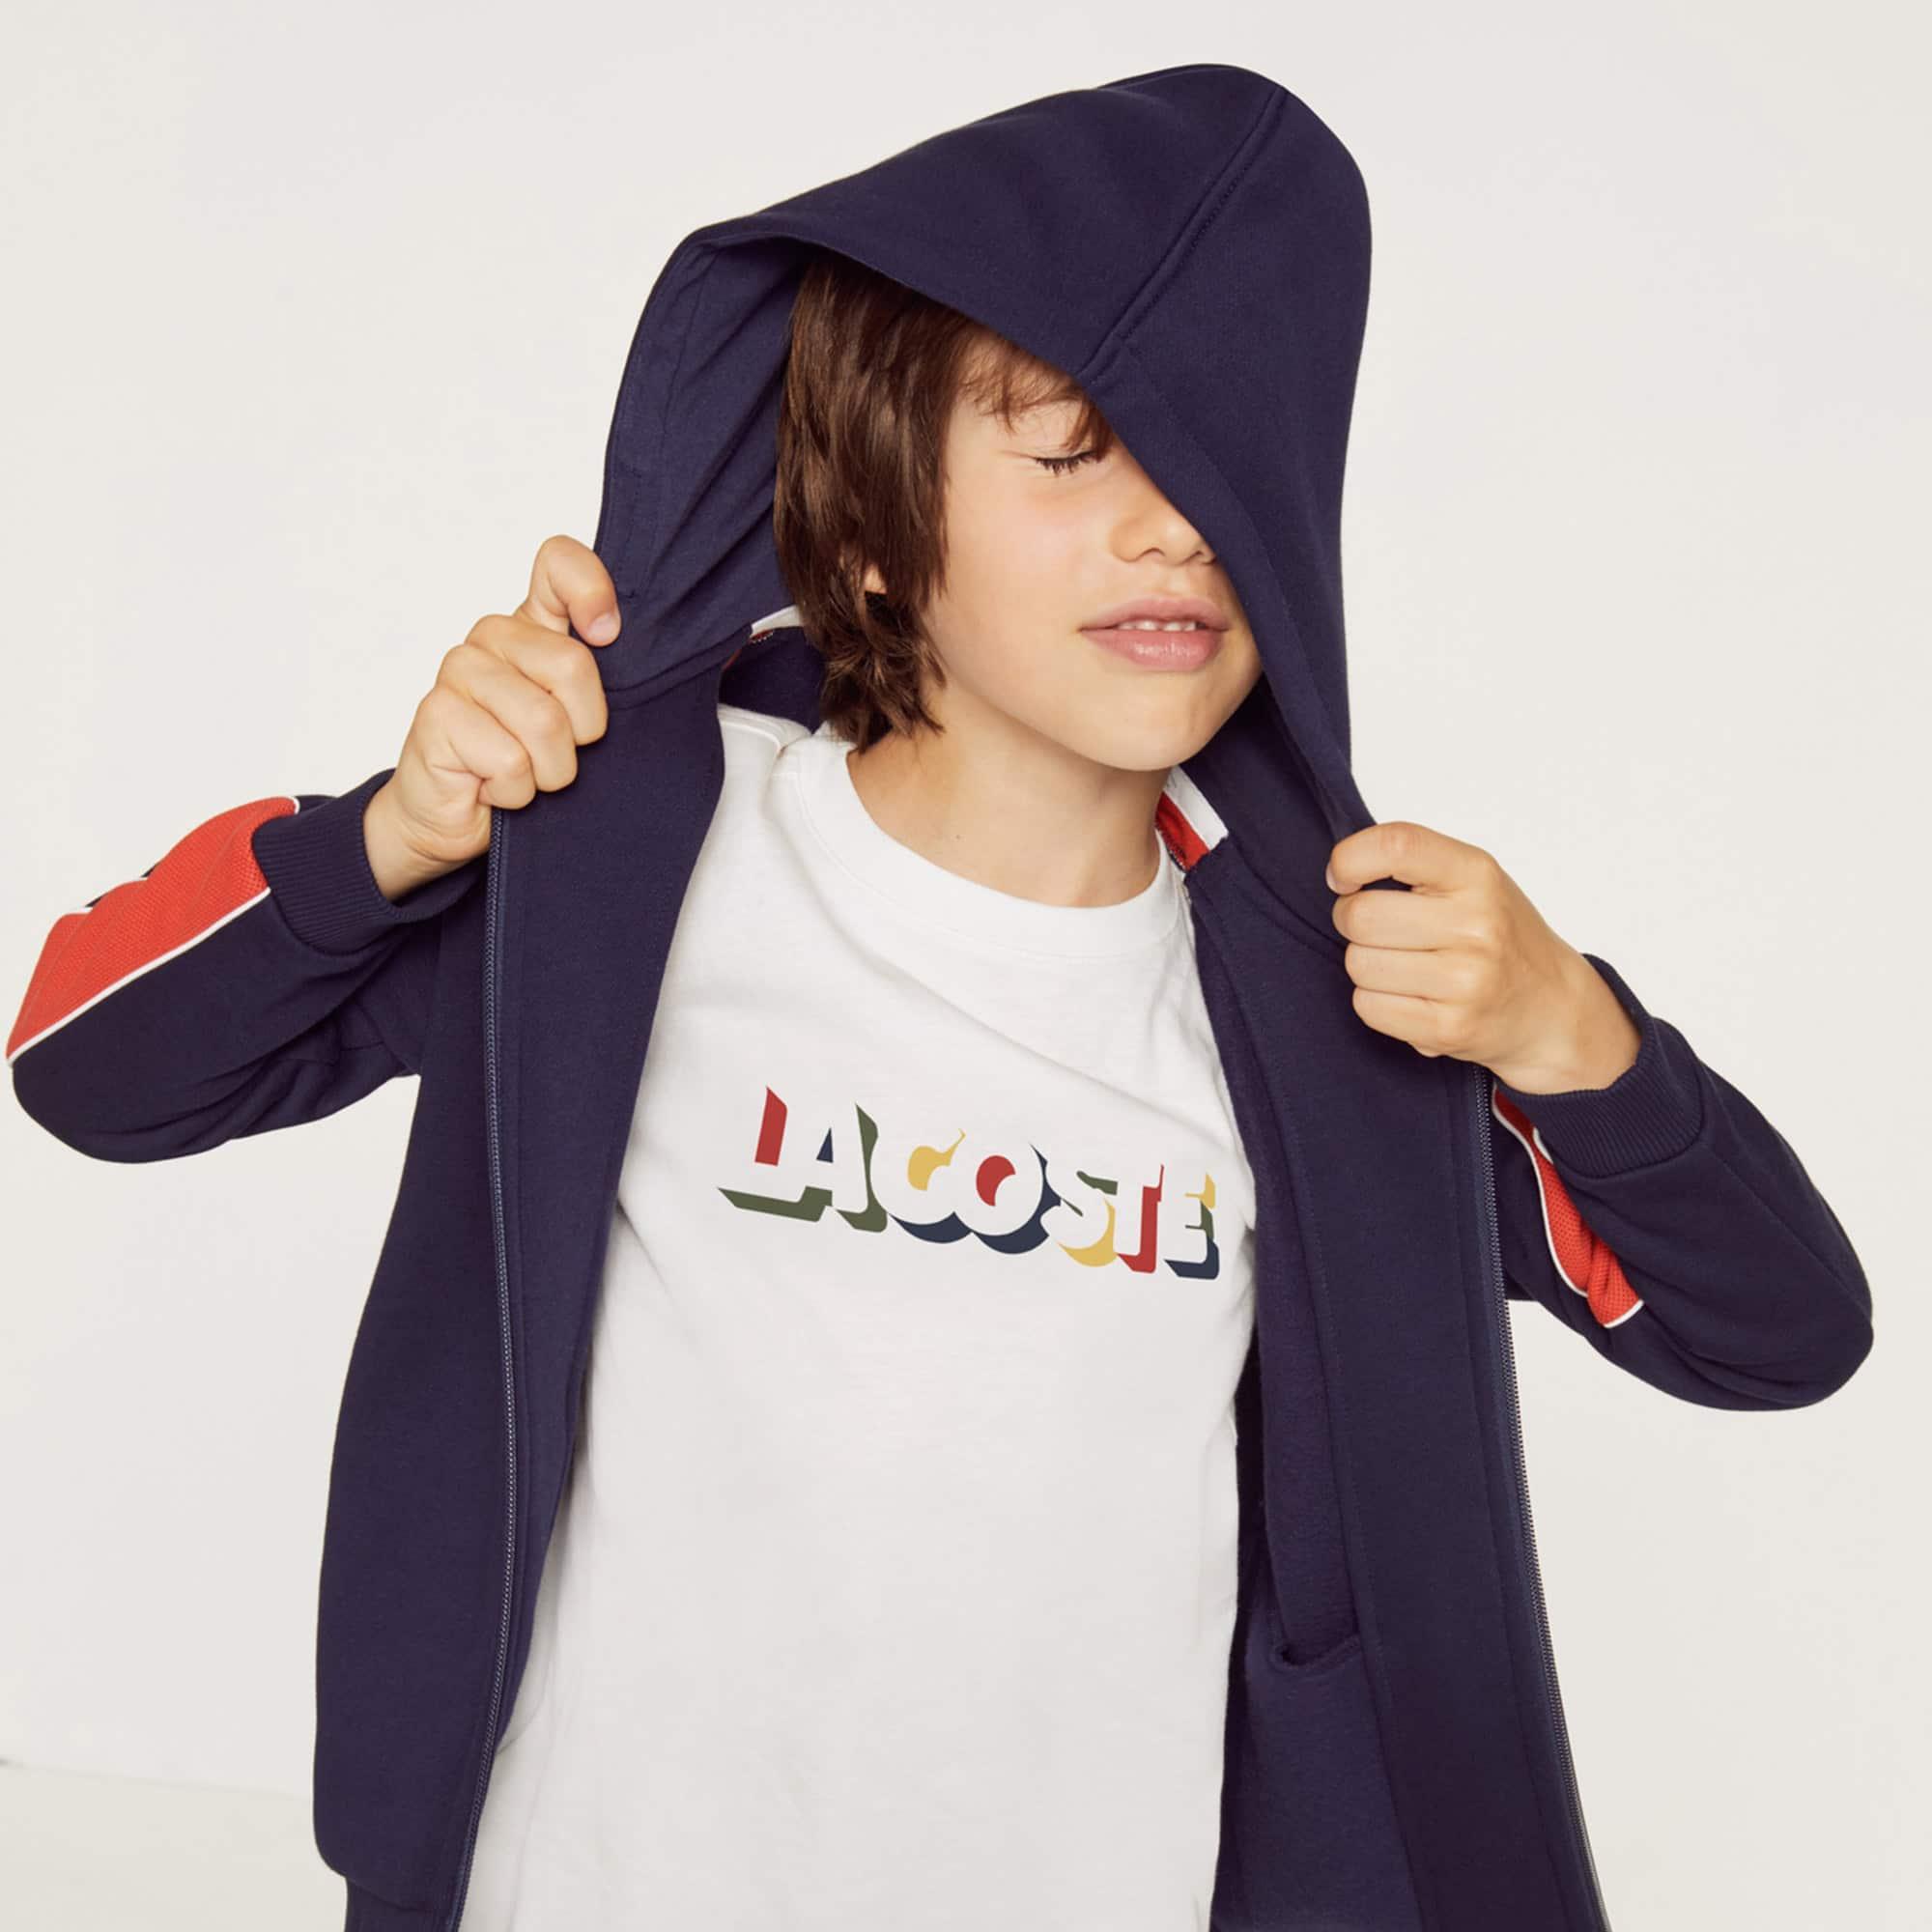 (키즈) 남아용 라코스테 레터링 크루넥 코튼 티셔츠